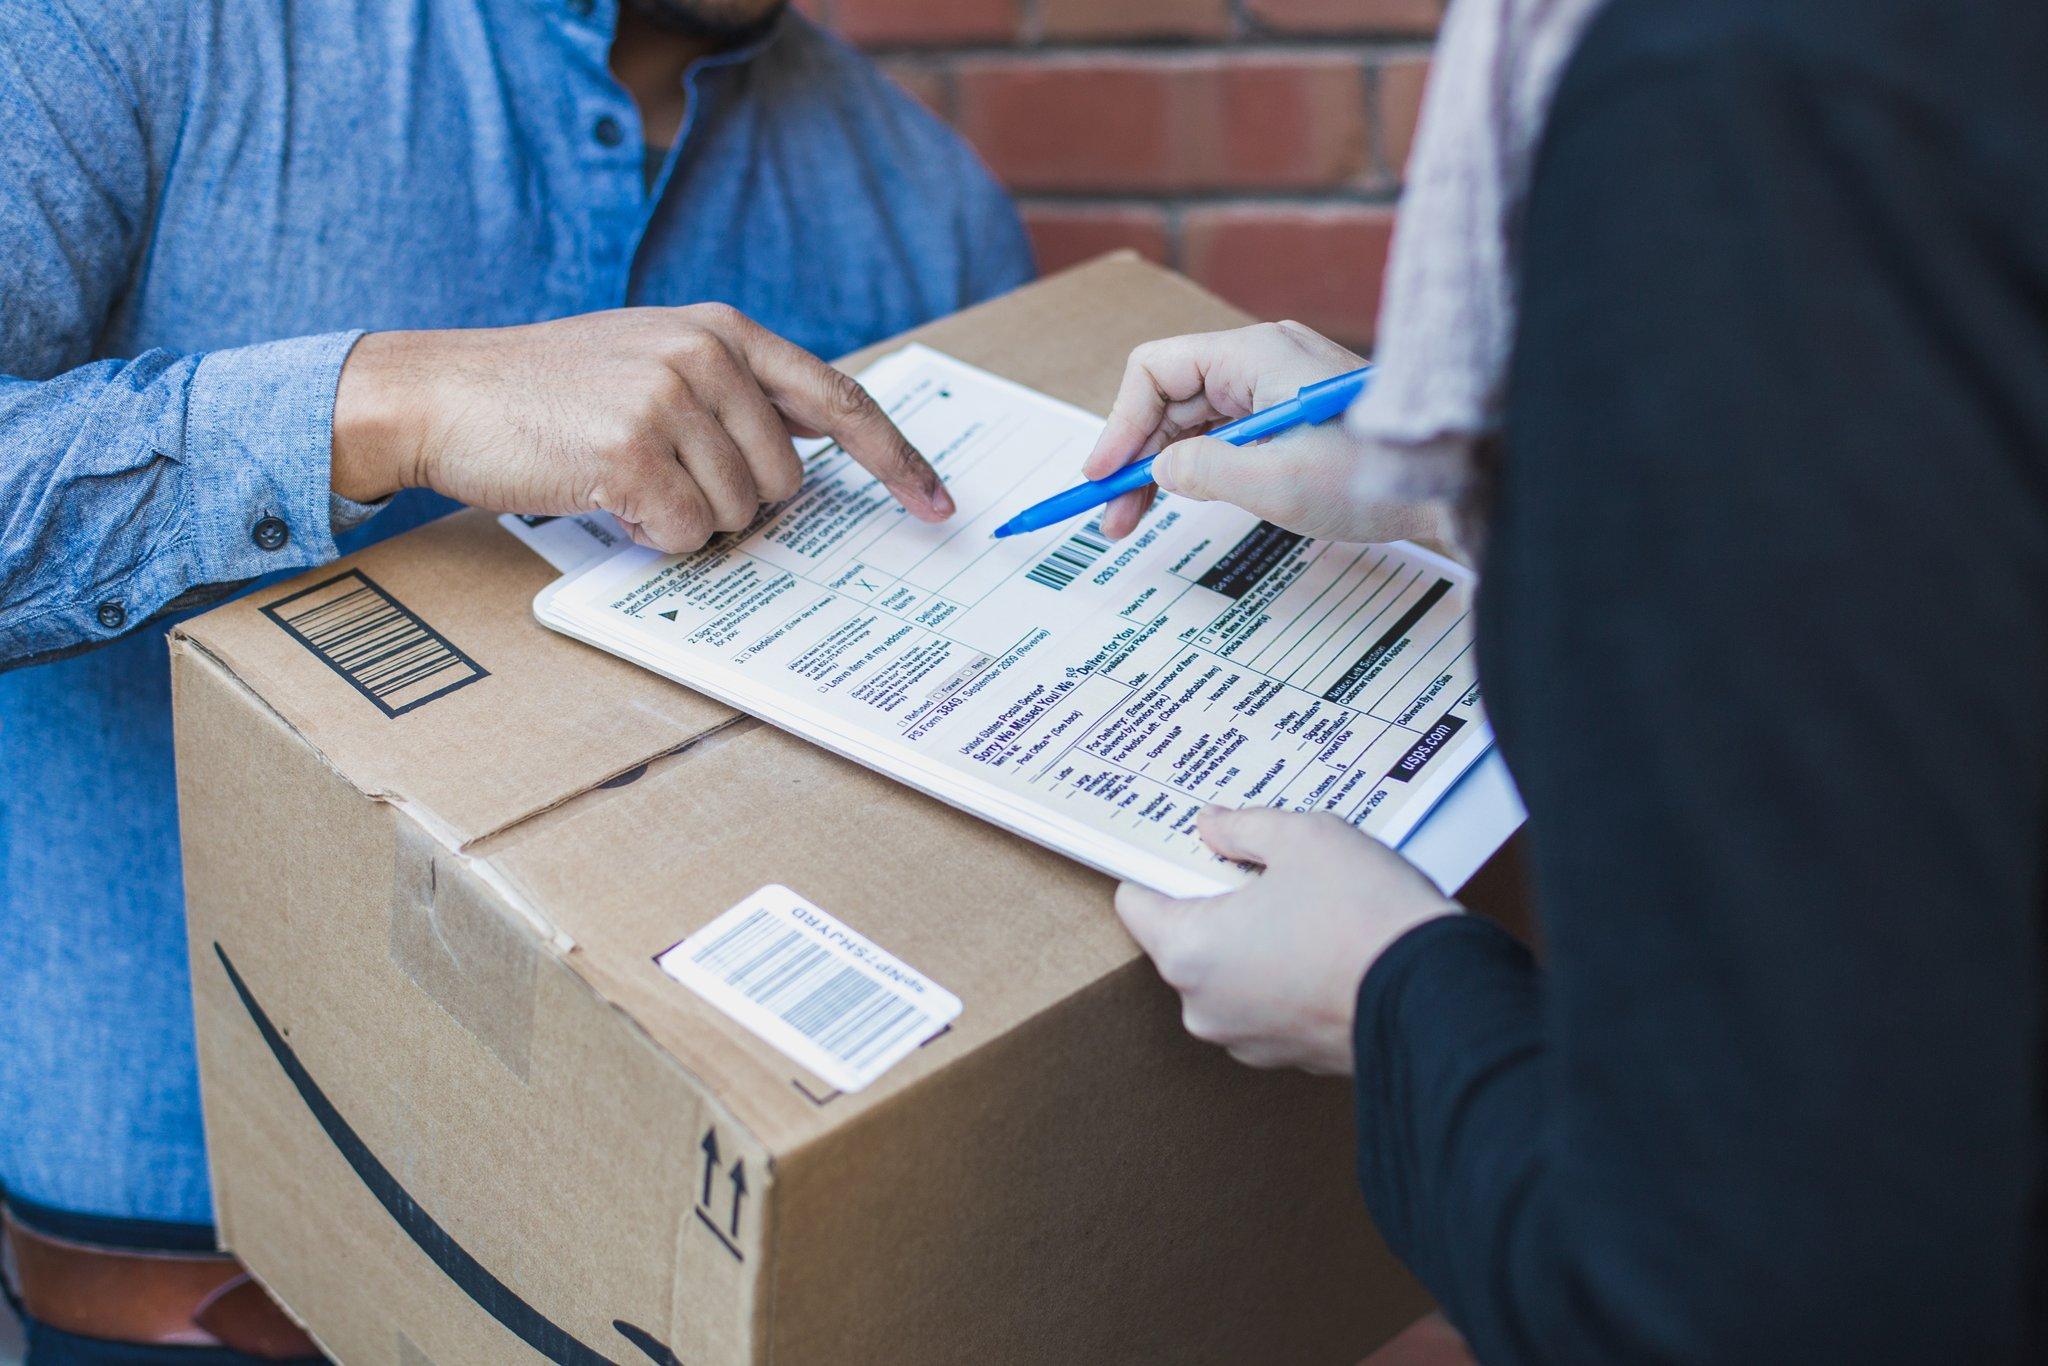 Có rất nhiều cách để Order mỹ phẩm từ Mỹ về Việt Nam